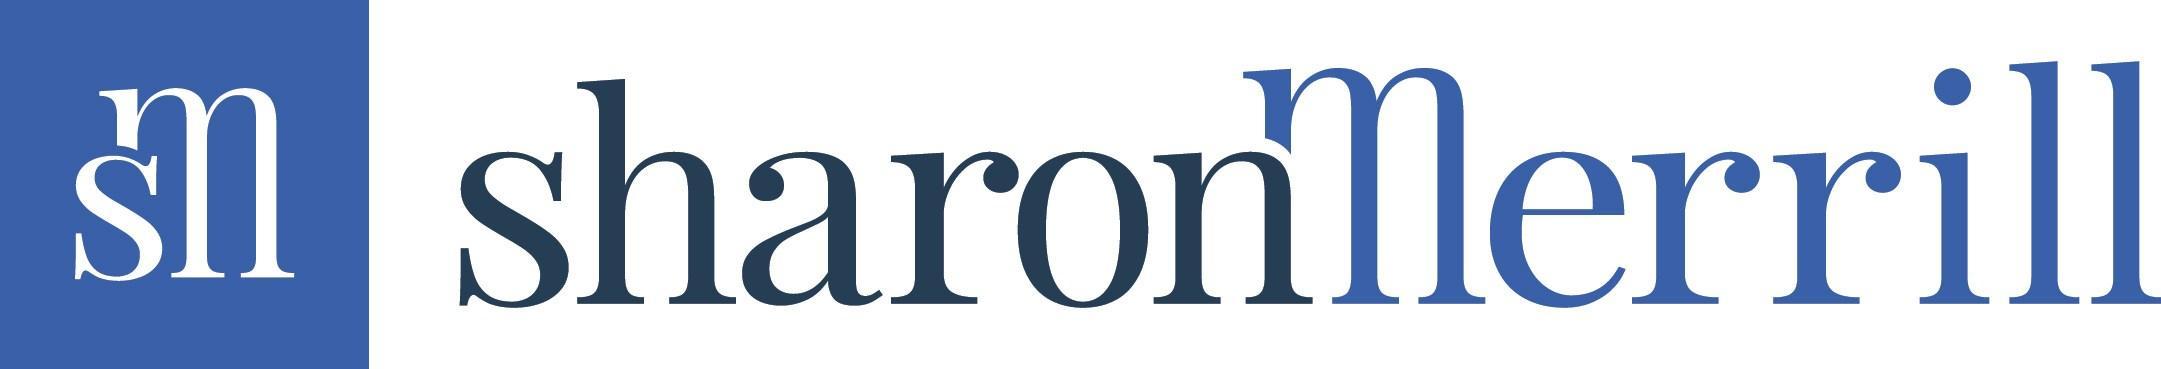 Sharon Merrill company logo